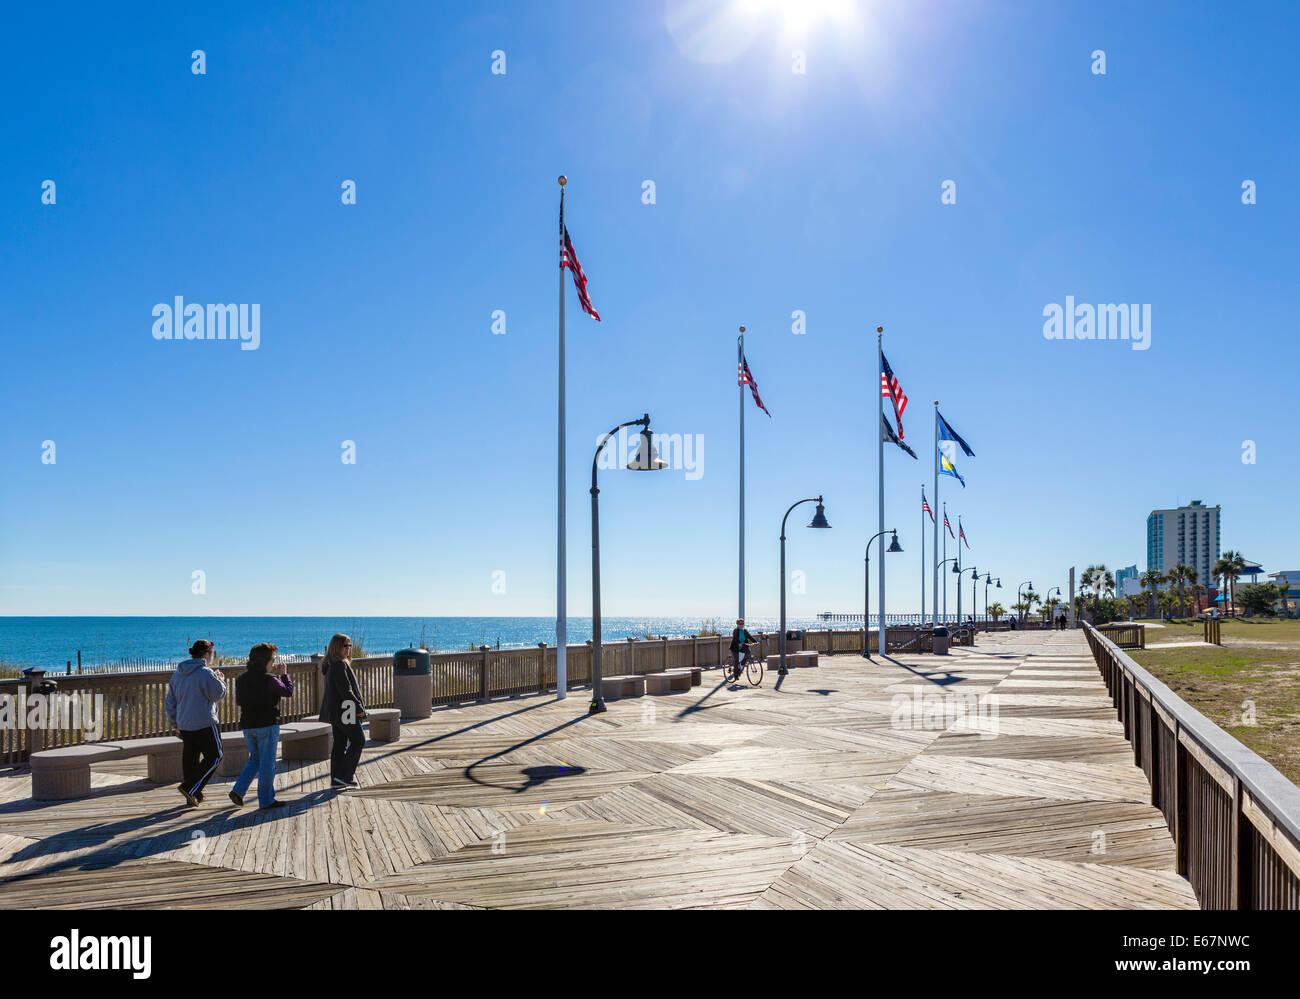 Myrtle Beach Boardwalk en una tranquila fuera de temporada día de otoño, Myrtle Beach, Carolina del Sur, Imagen De Stock